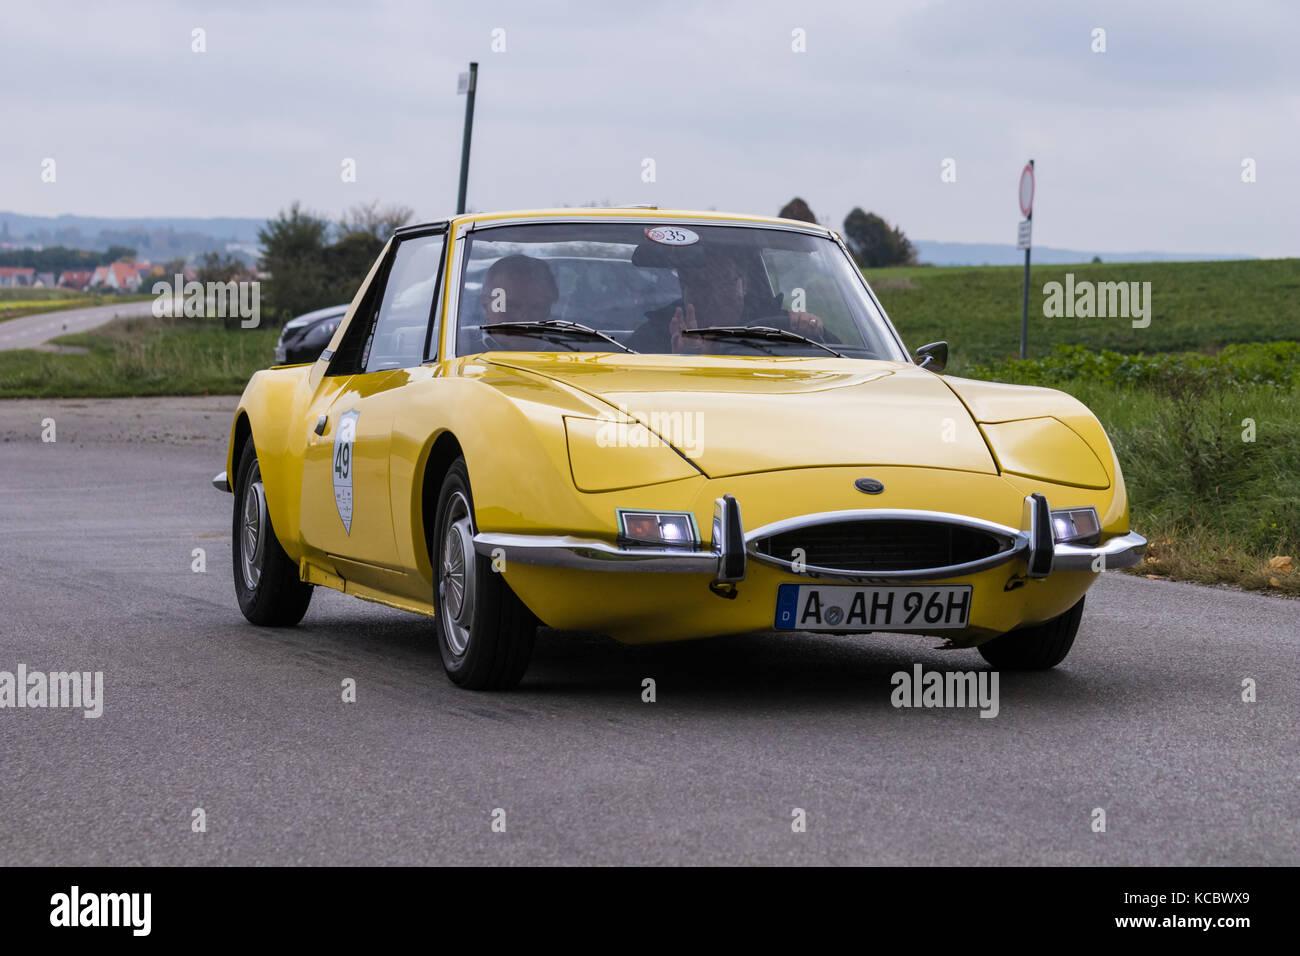 Car Race Angouleme